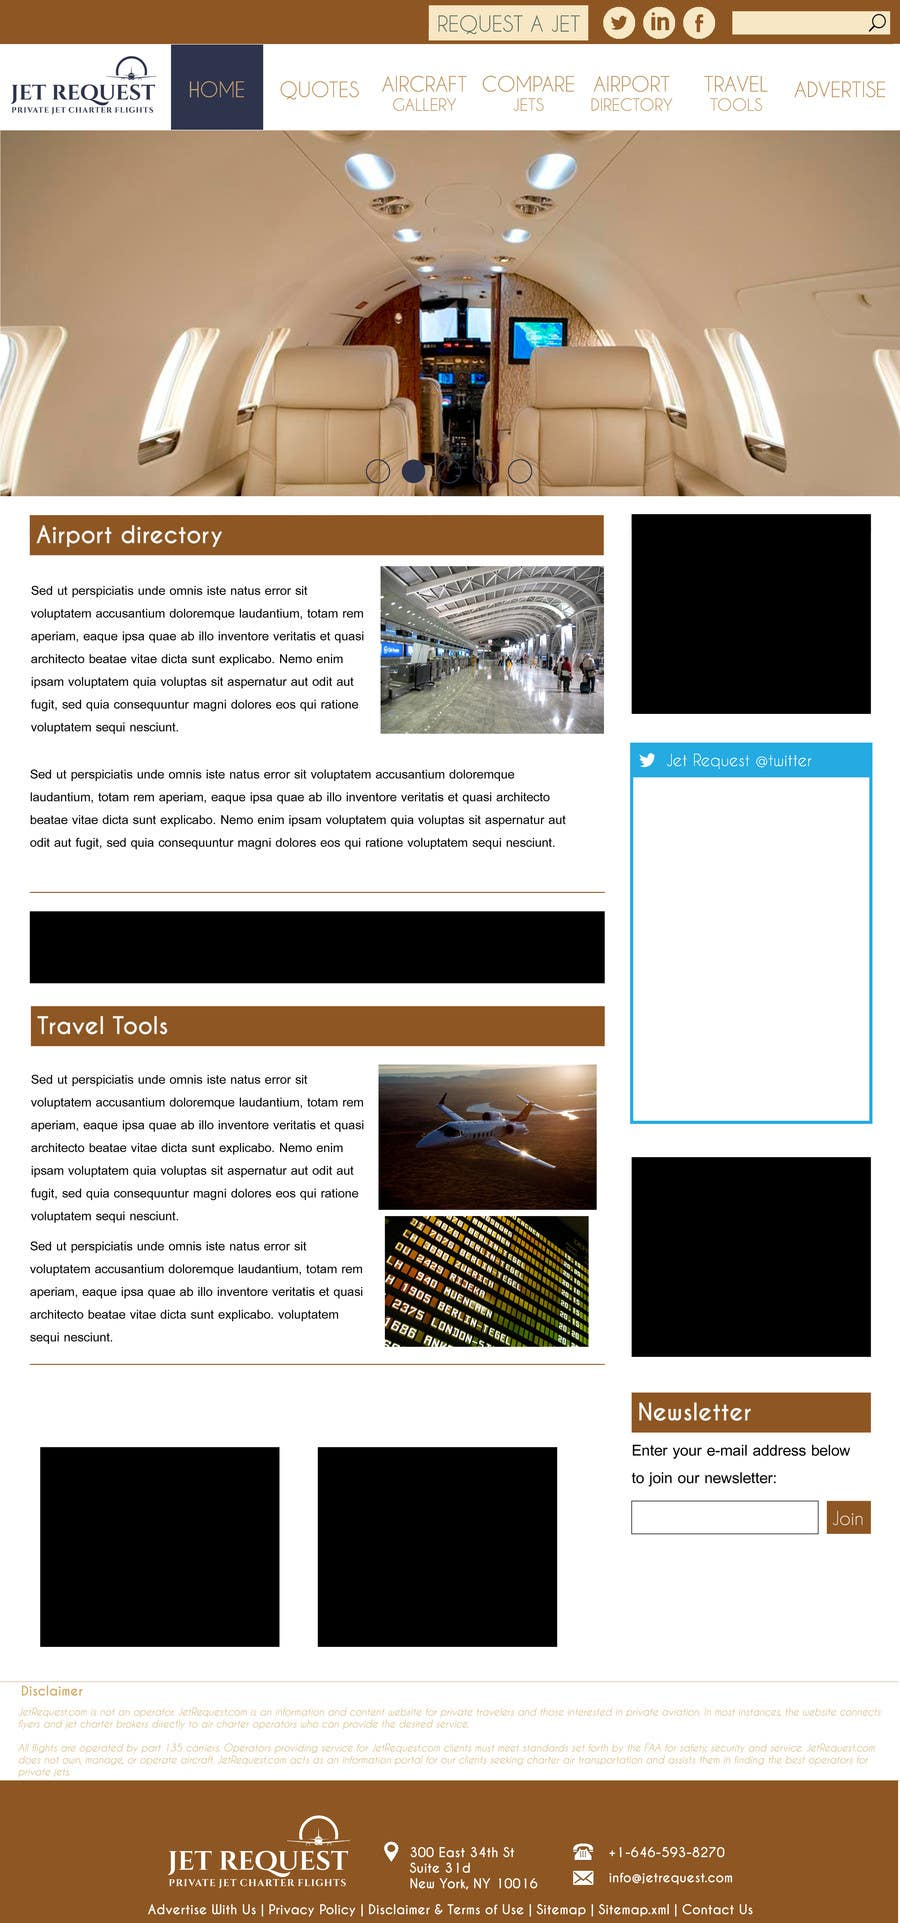 Konkurrenceindlæg #                                        38                                      for                                         Design a Website Mockup for Private Jet company